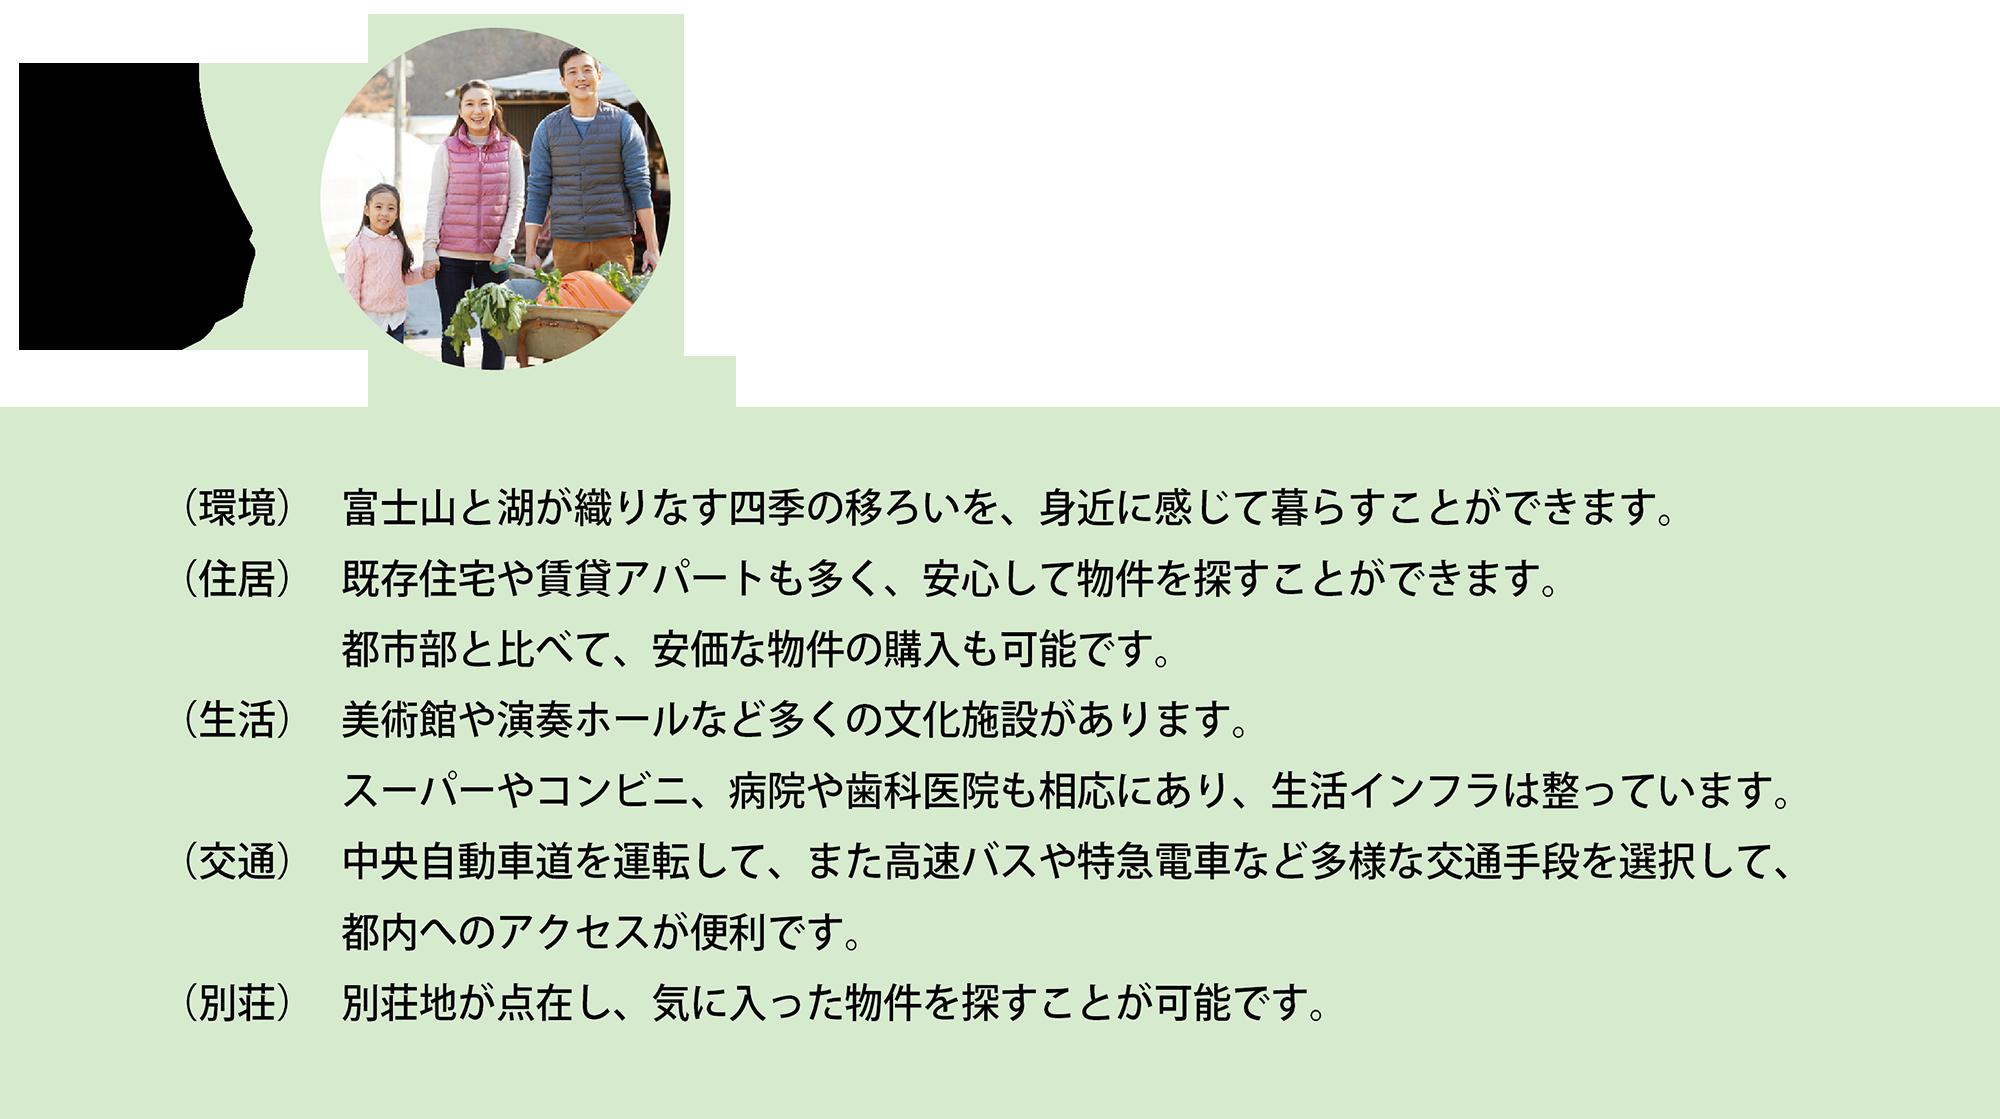 富士吉田の移住相談を応援します。